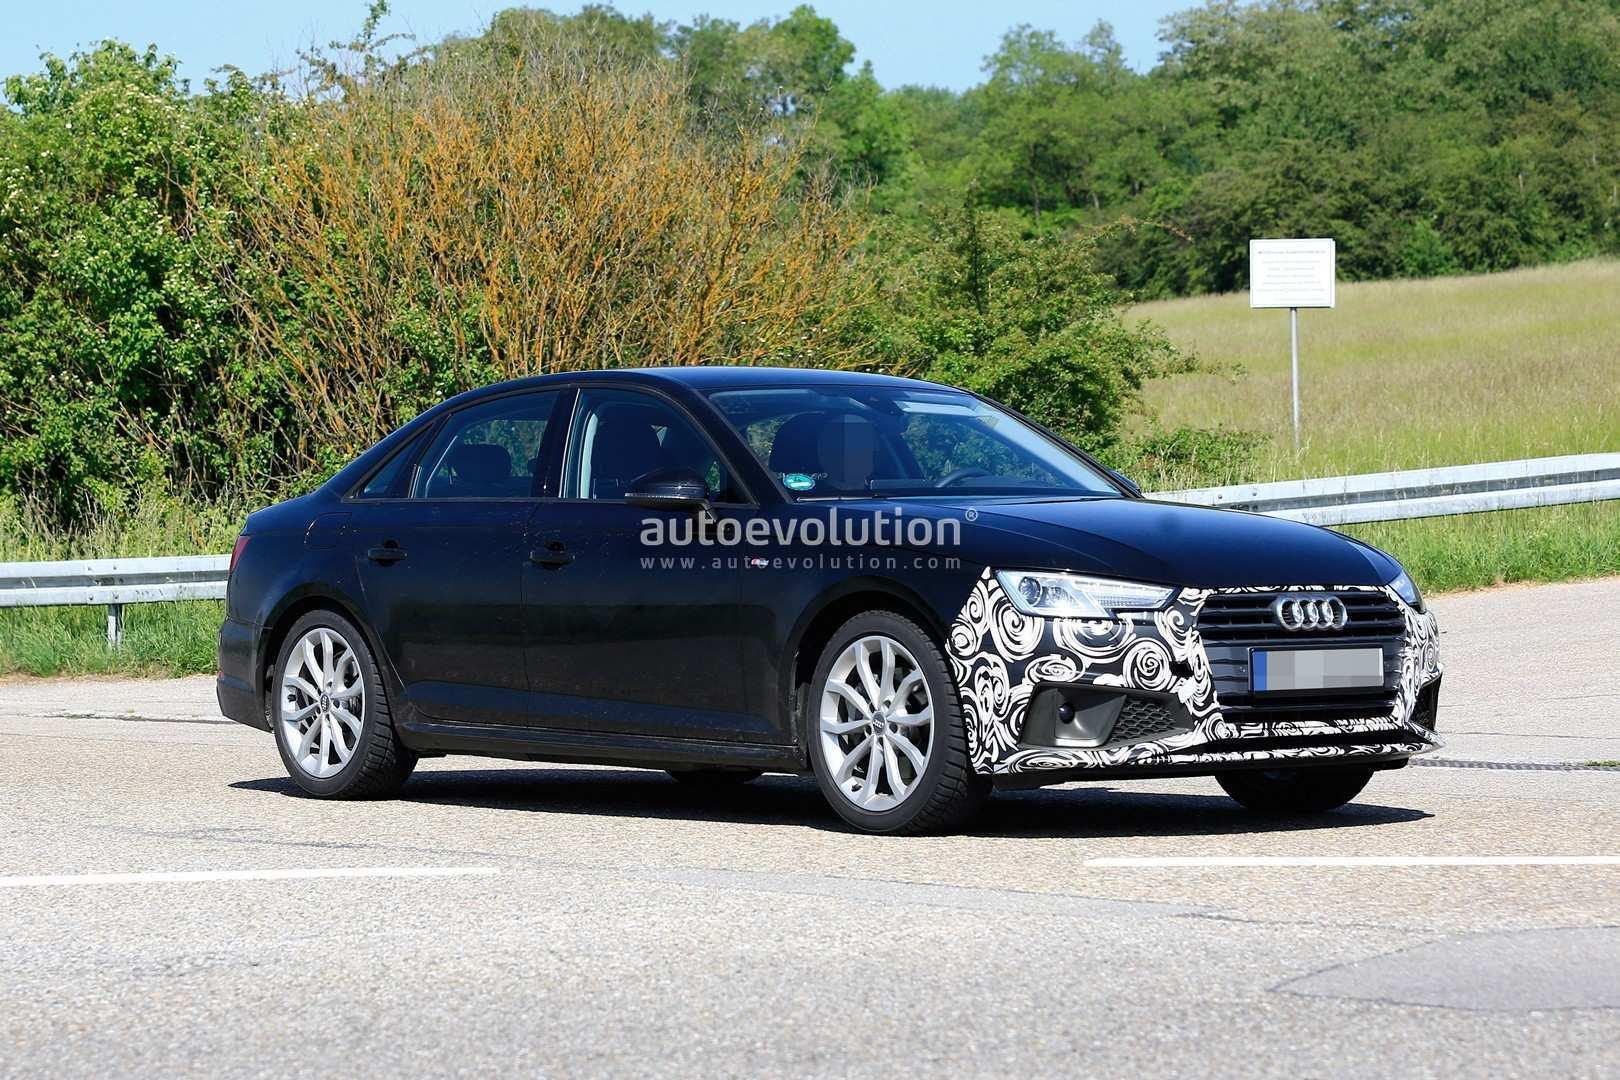 68 Great Audi Modellen 2020 Ratings For Audi Modellen 2020